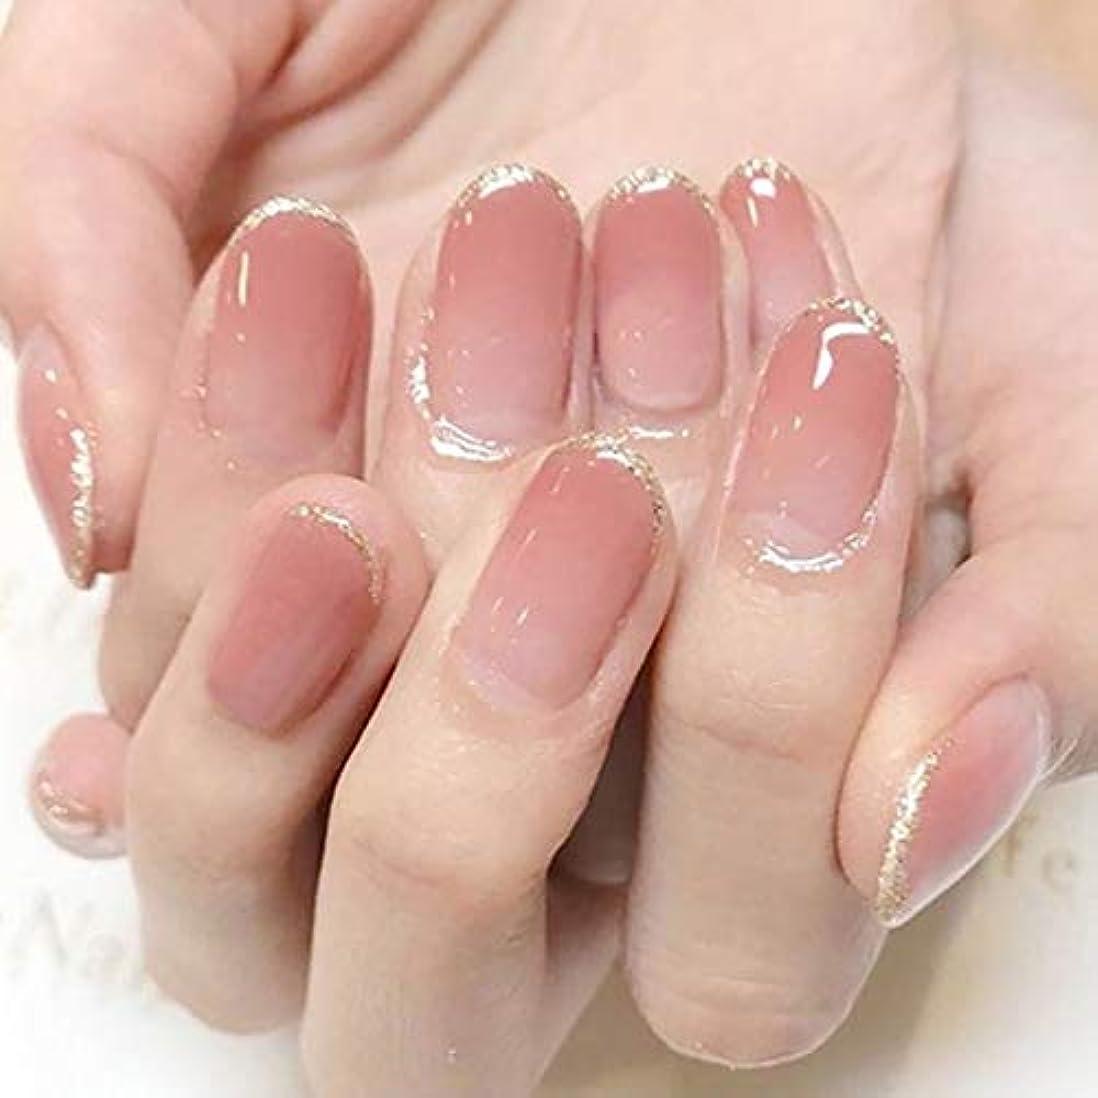 白内障サンダルカウンターパートXUTXZKA クリーム色の段階的な純粋な色の爪の女性のファッションシャイニングゴールドフルネイルのヒント女性のネイルデコレーション